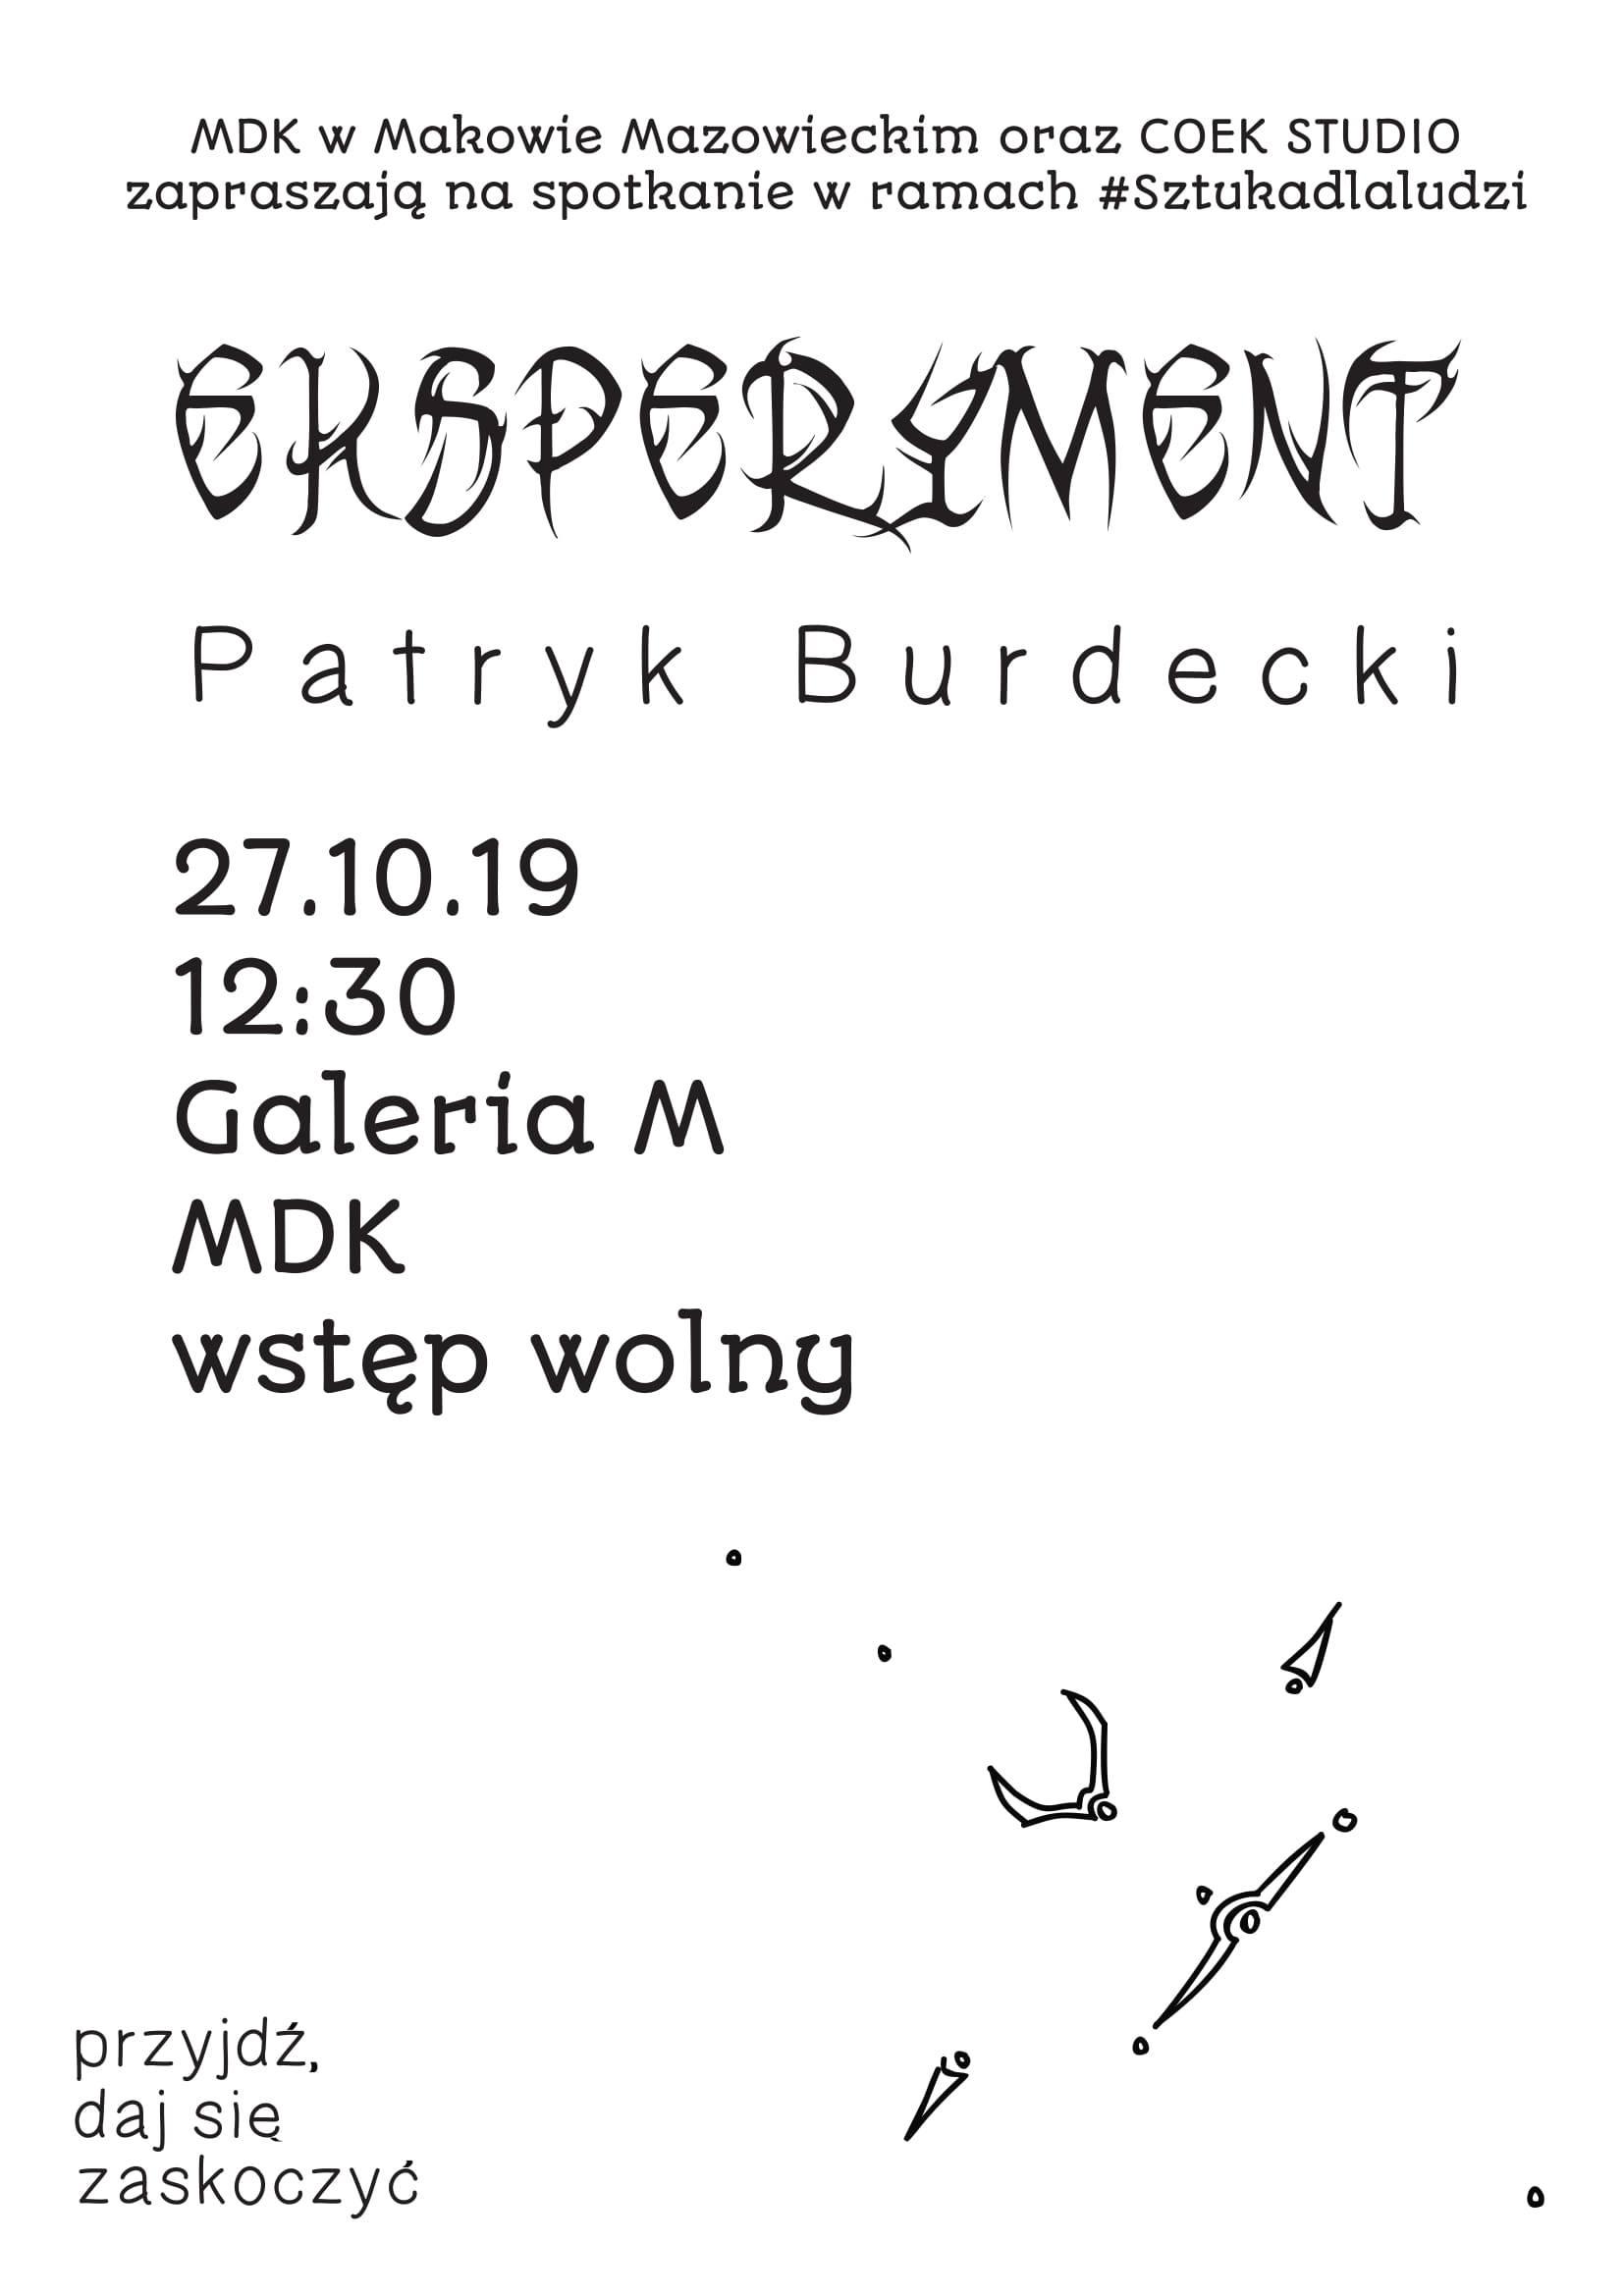 Plakat. Spotkanie w ramach #Sztukadlaludzi. Pod tytułem Eksperyment Patryk Burdecki. 27 października godzina 12:30 GaleriaM